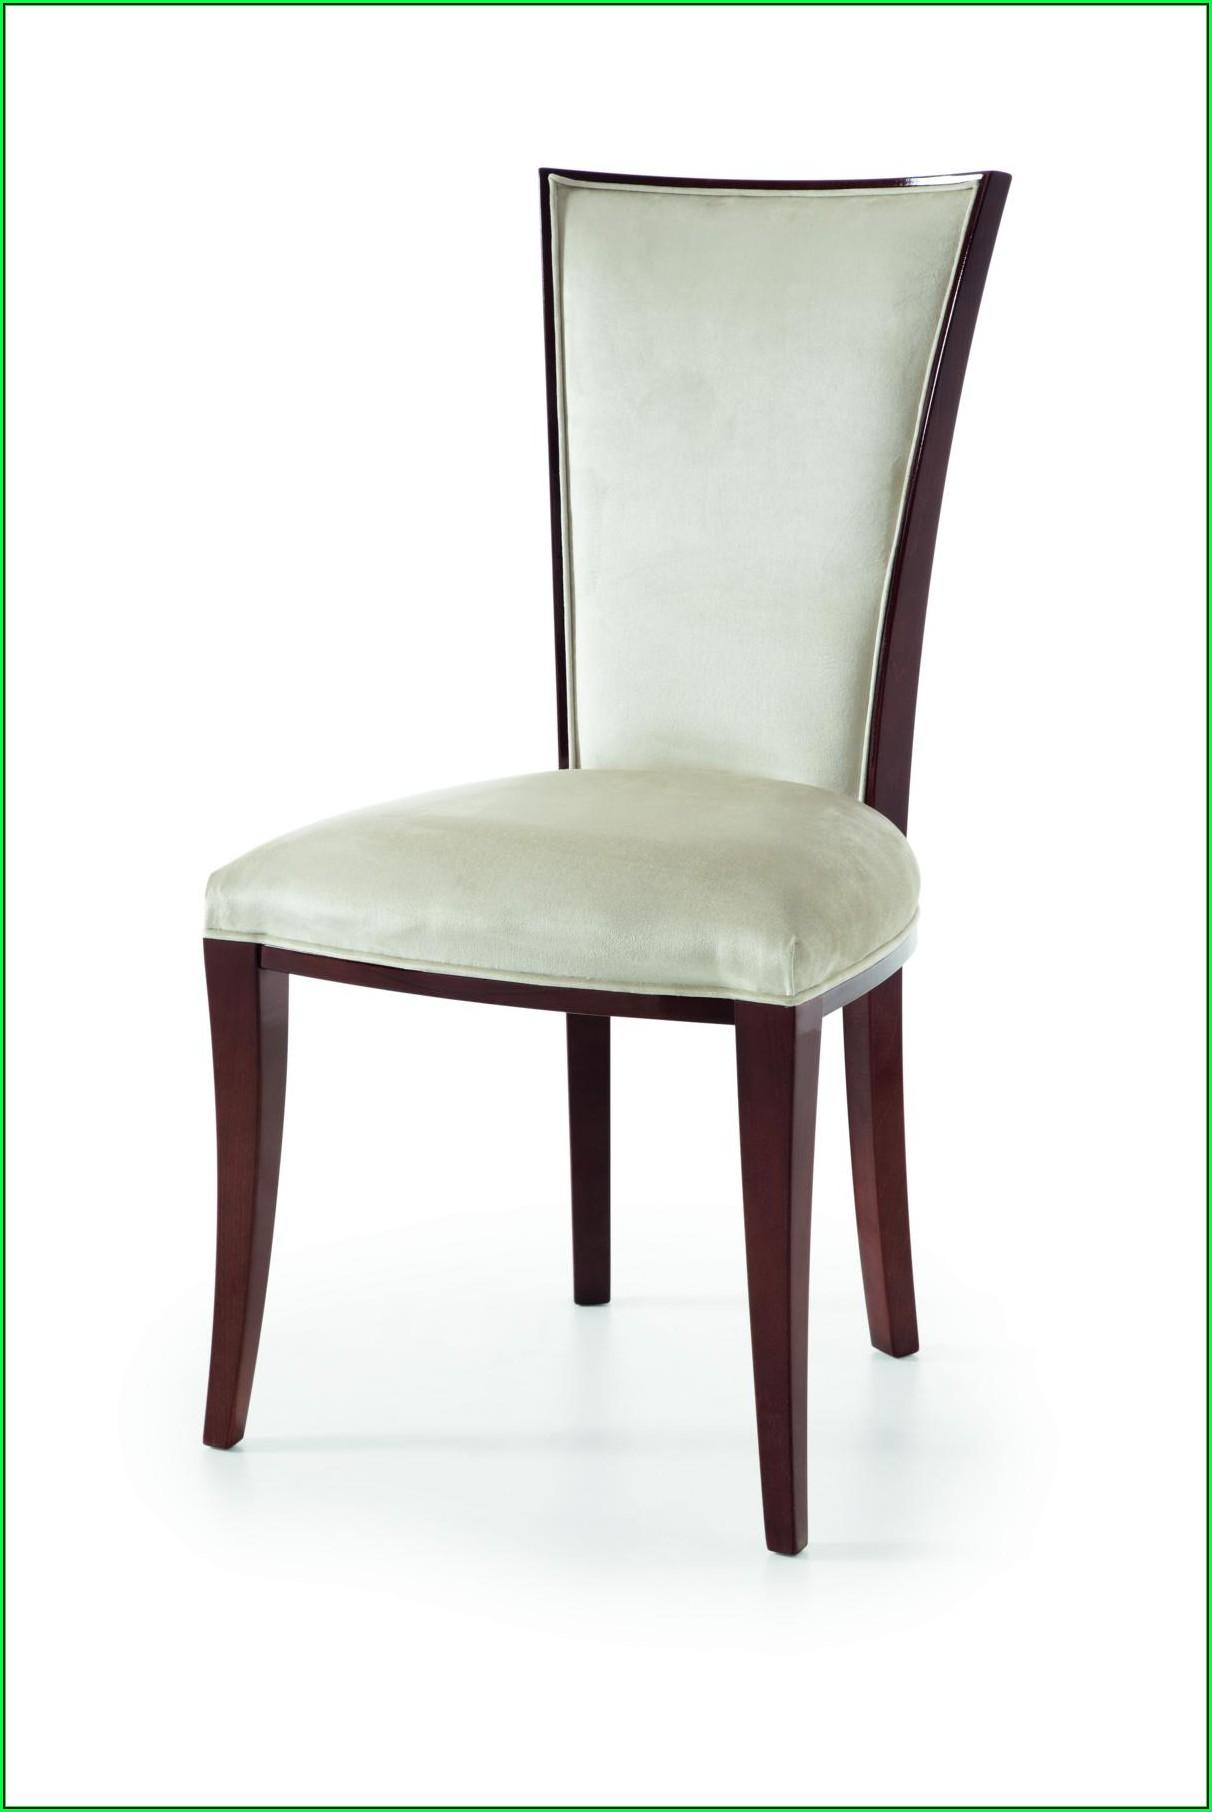 Esszimmer Stühle Italienischer Stil